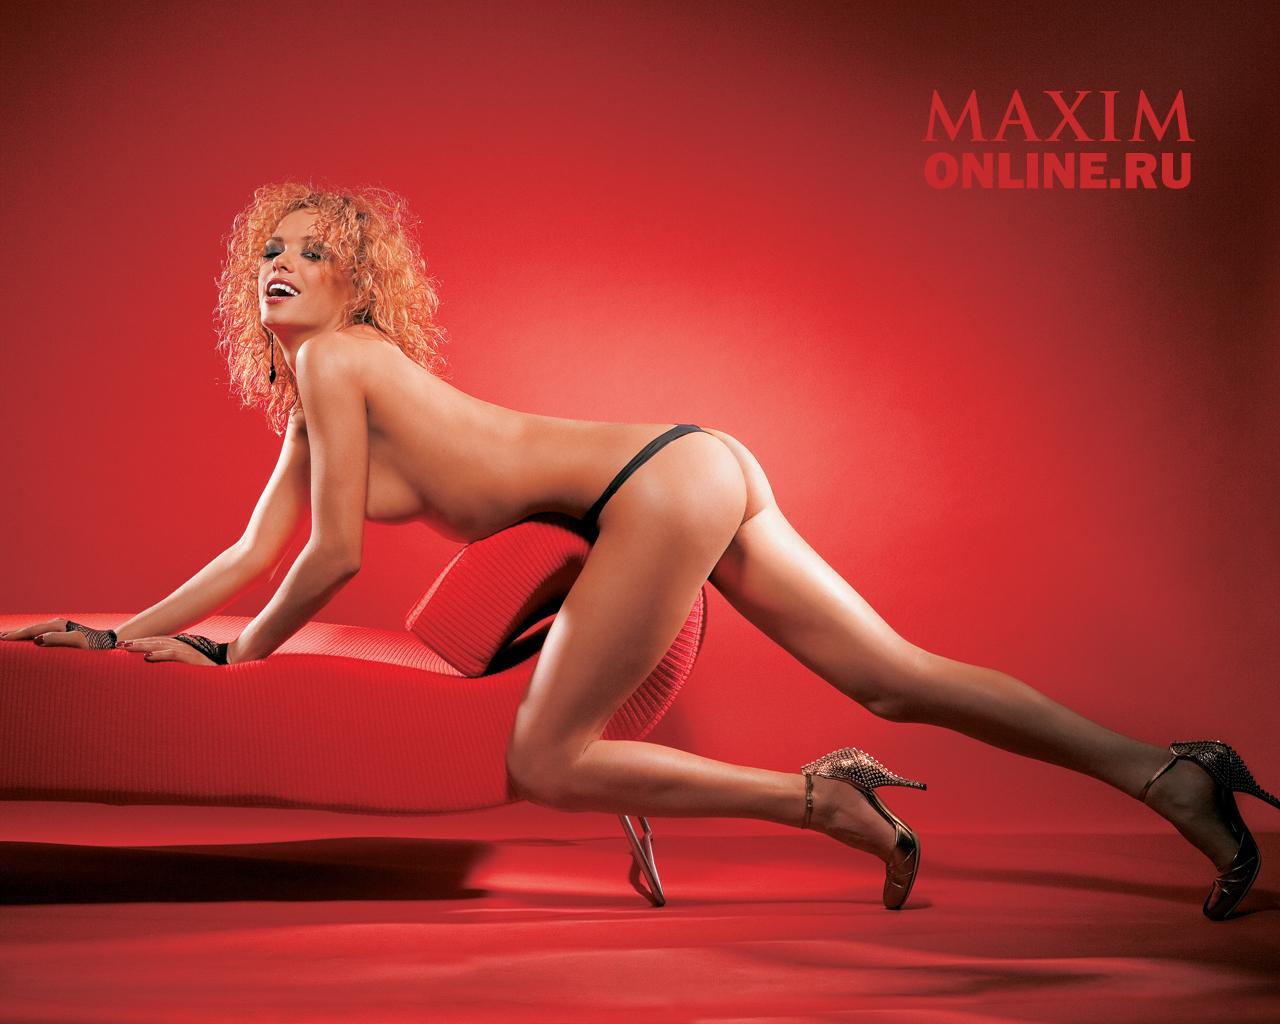 Русские девушки maxim 23 фотография